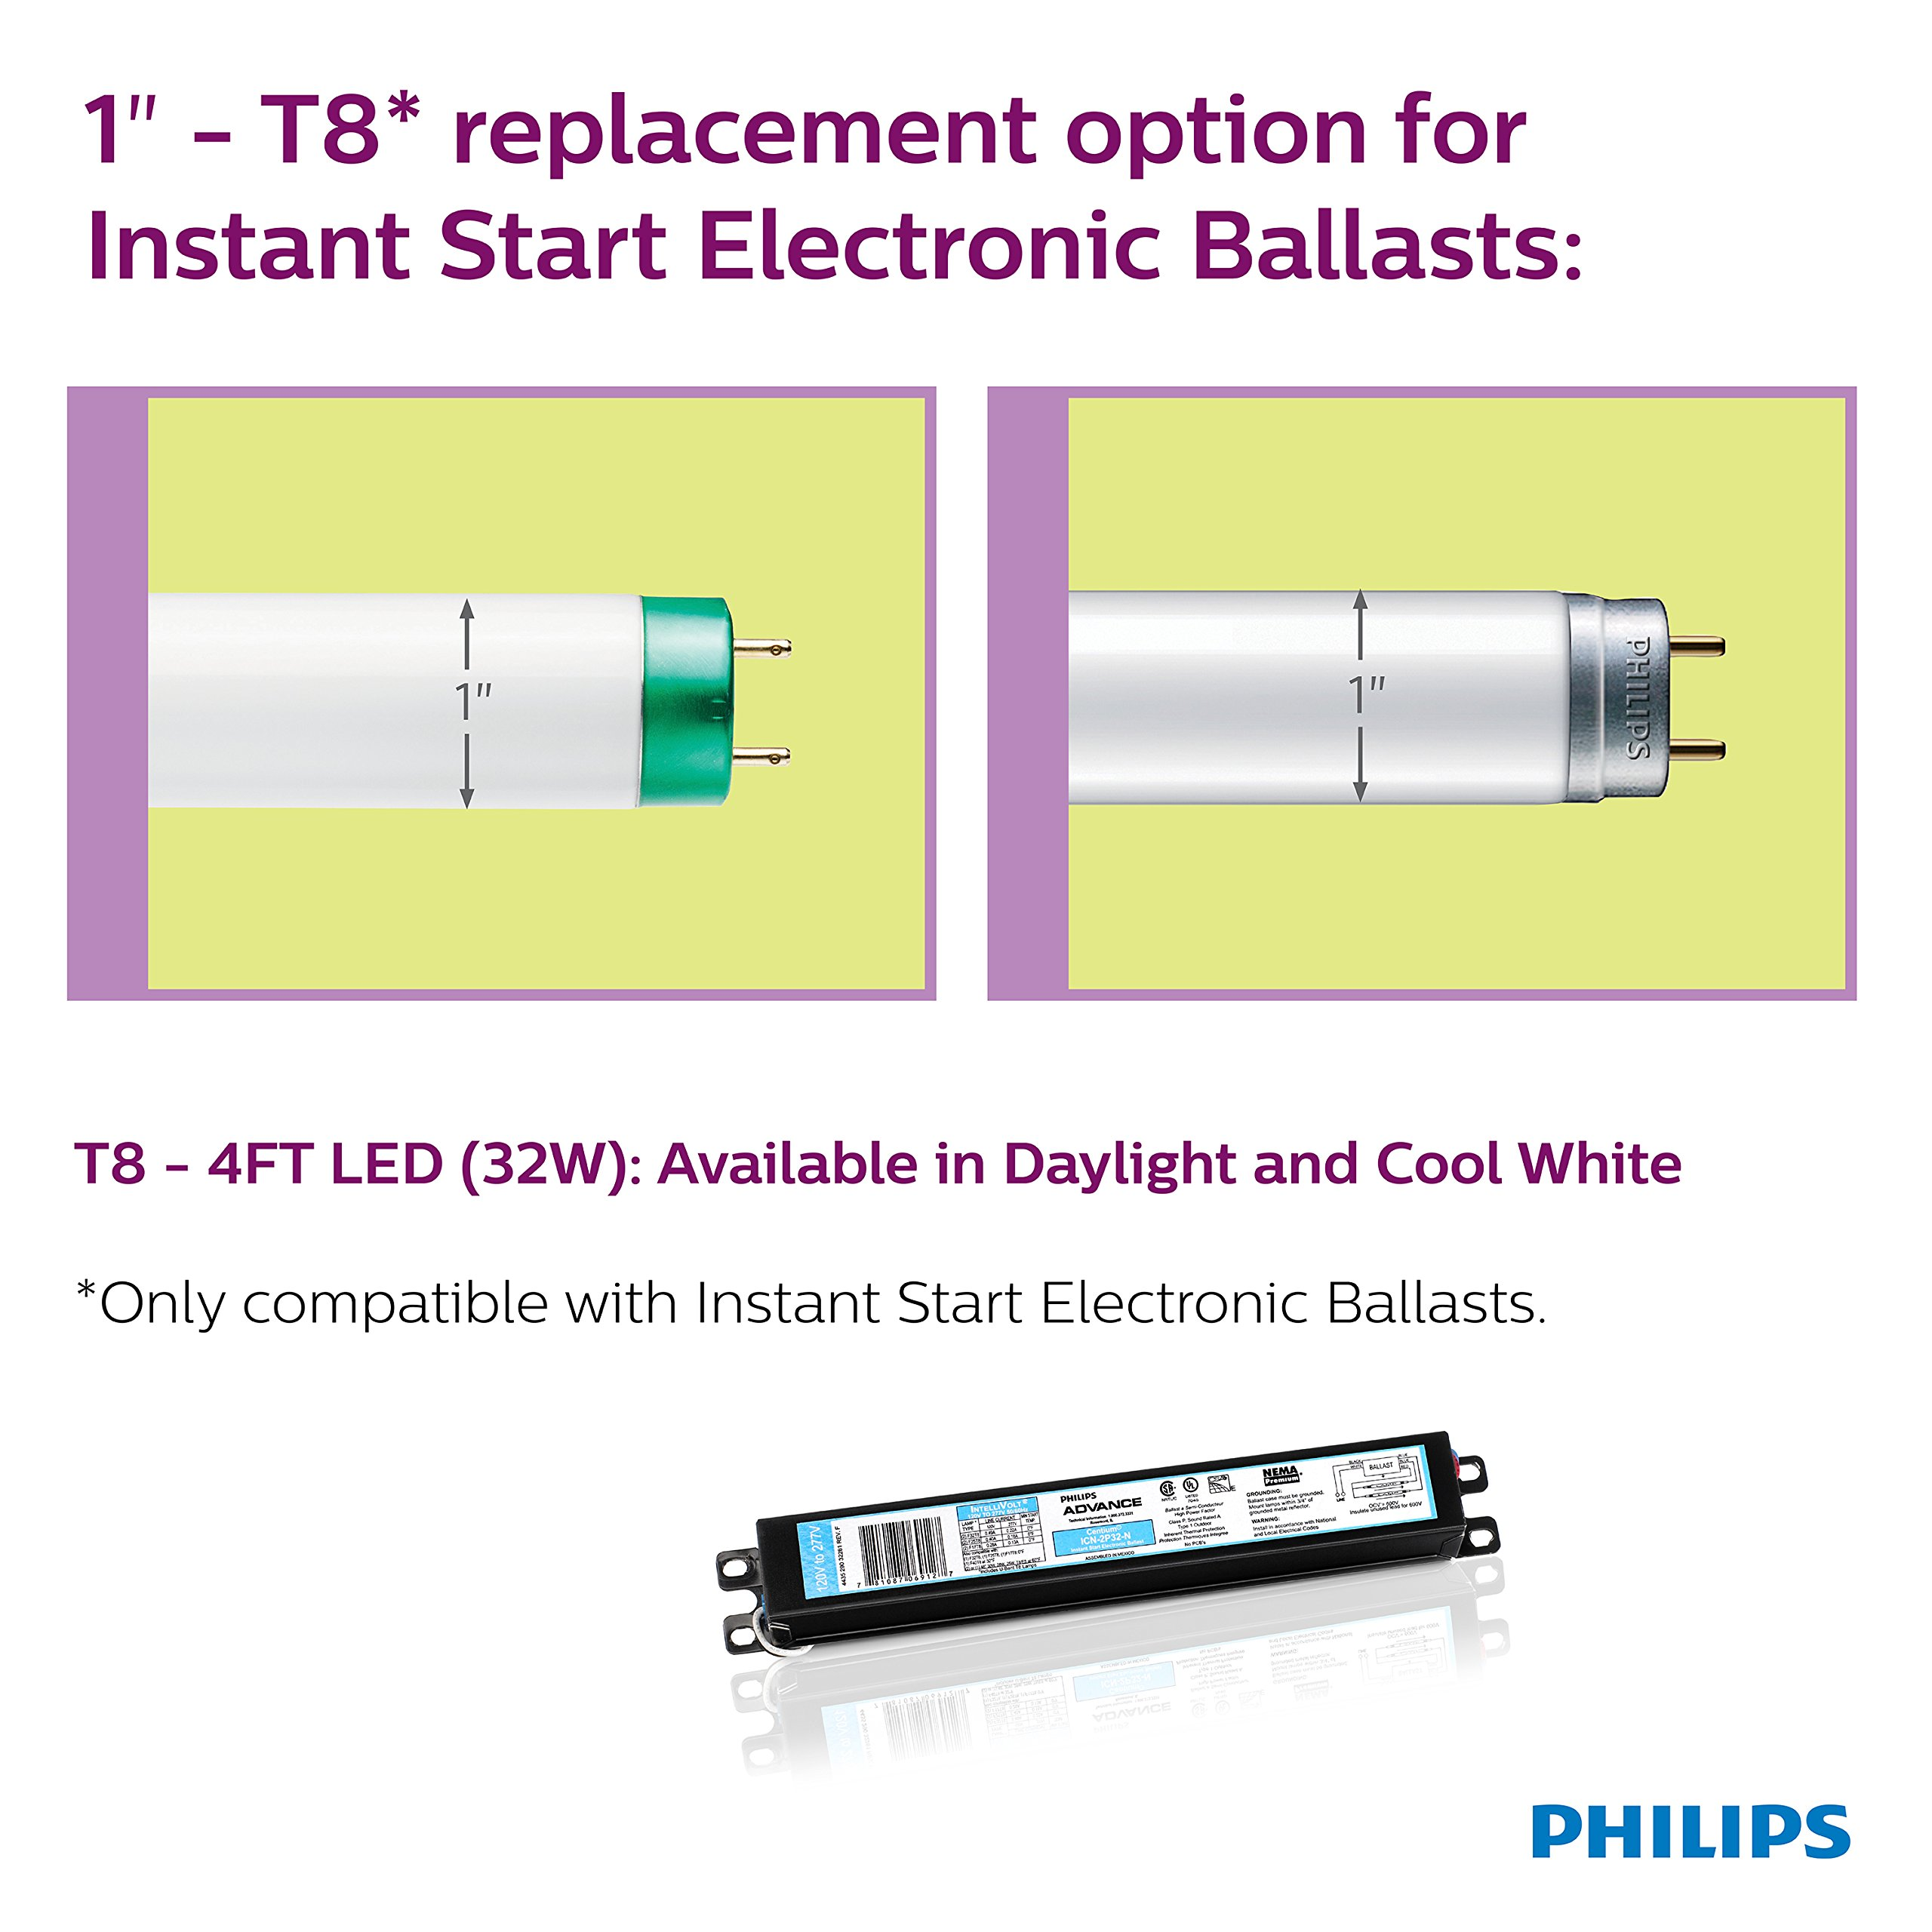 Philips LED InstantFit 4-Foot T8 Tube Light Bulb 1800-Lumen, 4000-Kelvin, 16 (32-Watt Equivalent), Medium Bi-Pin G13 Base, Cool White, 8 Pack, 544247, 4000 Kelvin, 8 Piece by PHILIPS (Image #5)